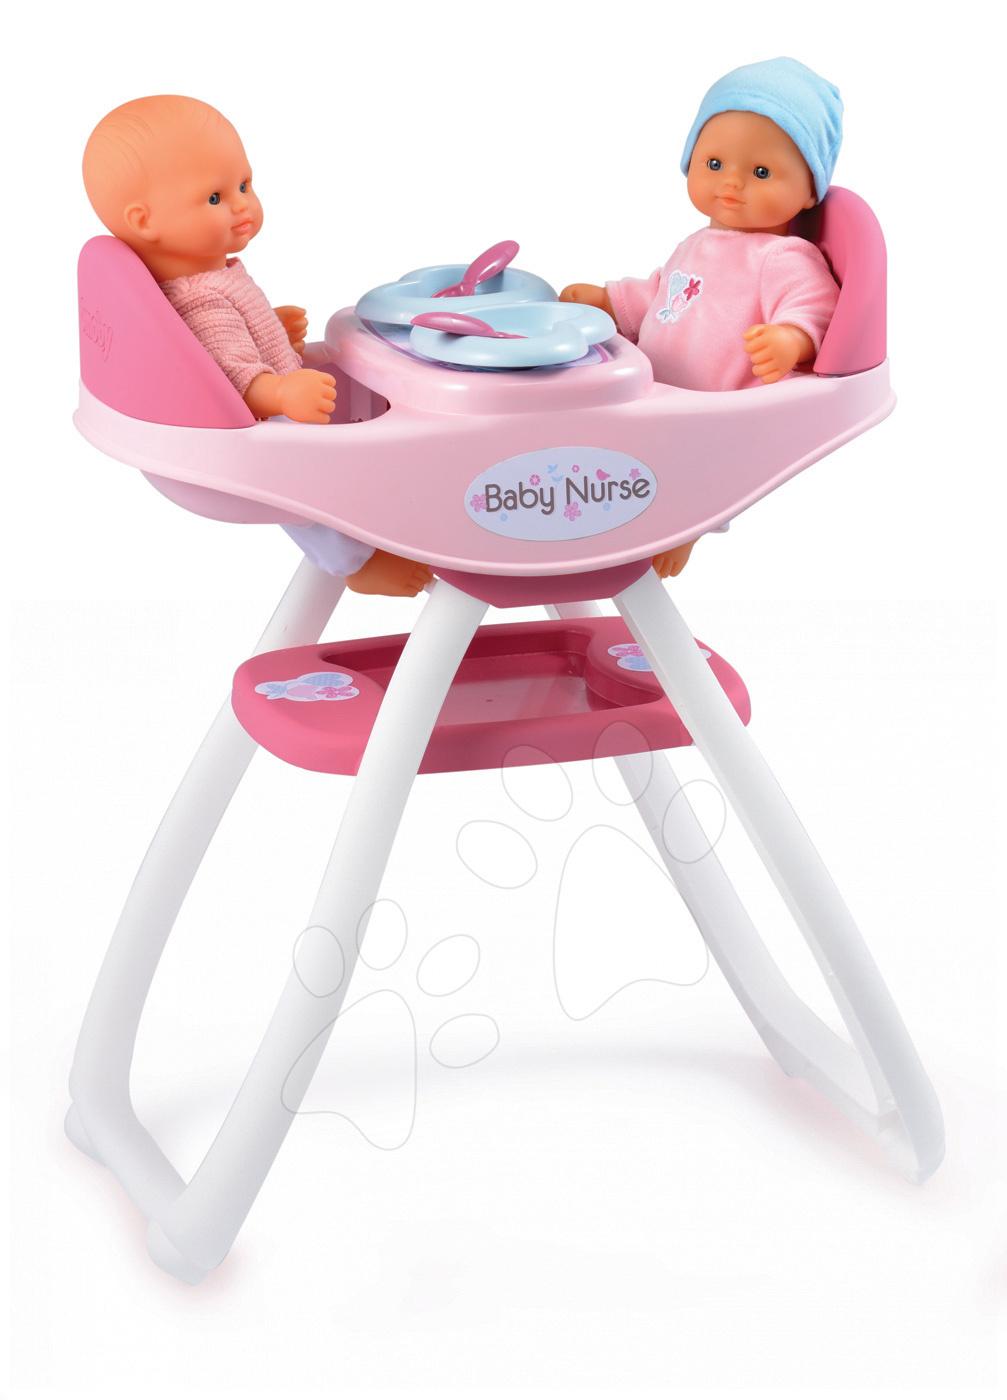 Jídelní židle Baby Nurse Smoby pro 42 cm panenky dvojčata se 4 doplňky od 24 měsíců